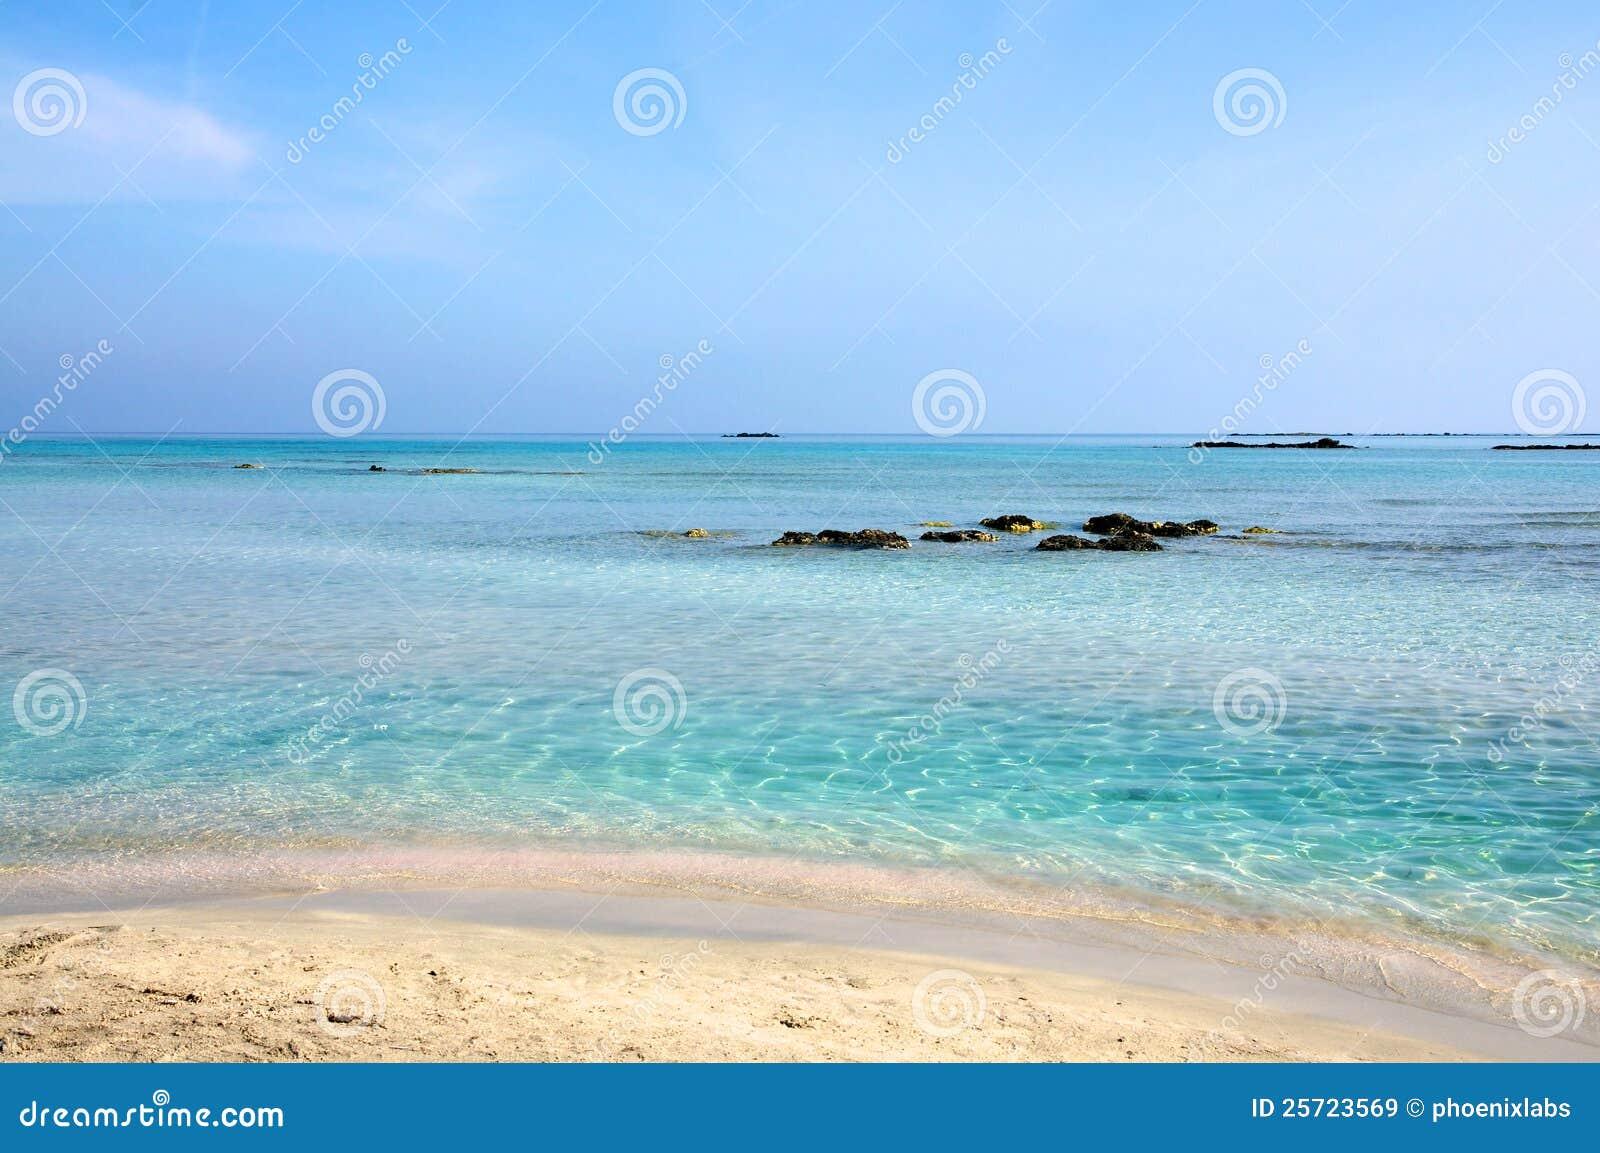 Elafonisi Beach, Crete Royalty Free Stock Images - Image: 25723569